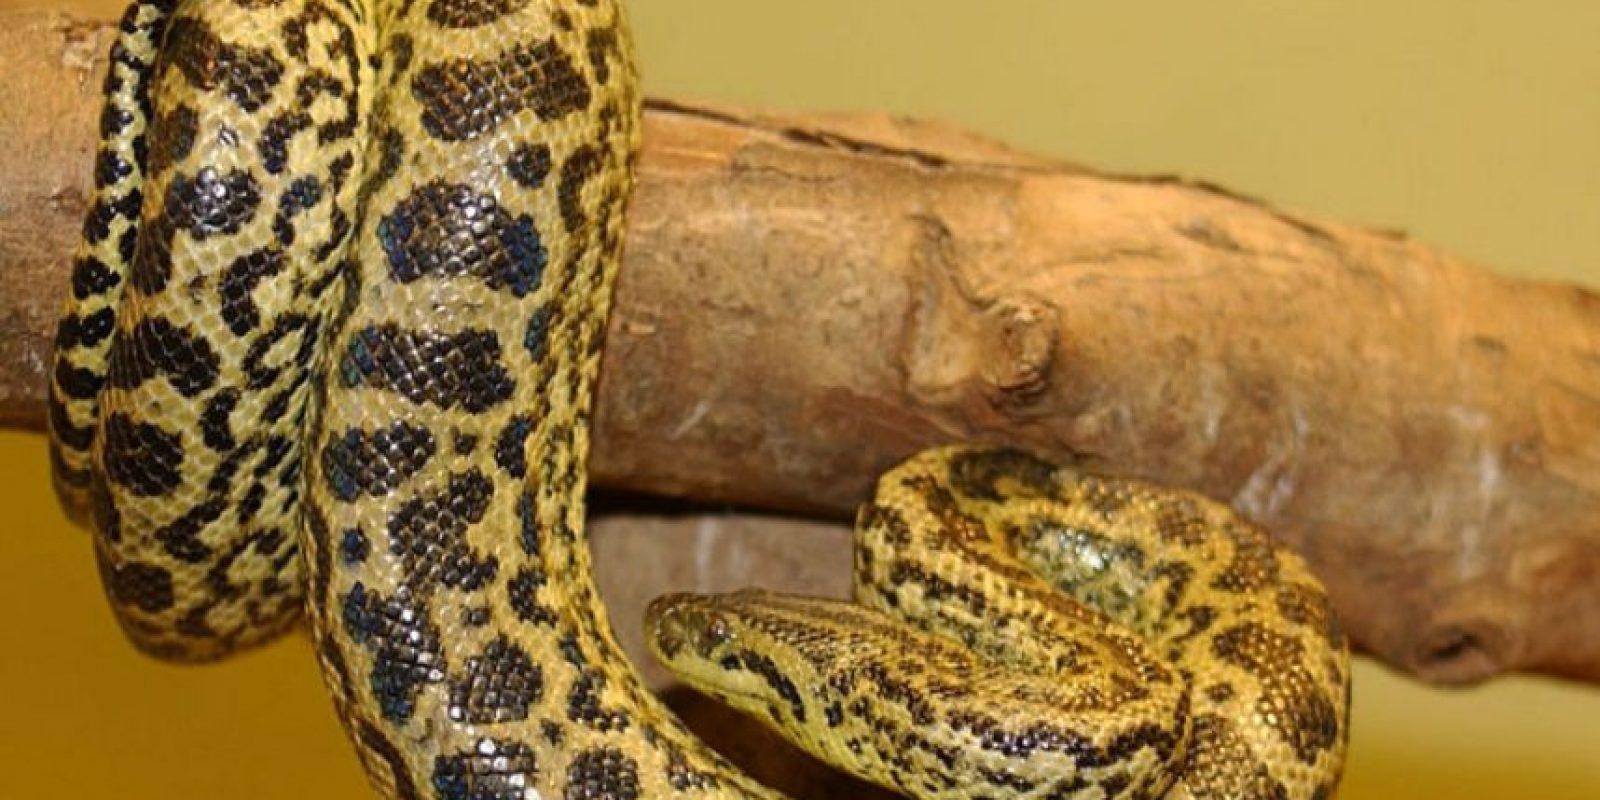 La anaconda amarilla. Se distribuye en el este de Bolivia, Paraguay, oeste de Brasil, nordeste de Argentina. habitualmente alcanza longitudes de entre 2,5 y 4 metros y un peso que puede superar los 40 kilogramos Foto:Wikicommons